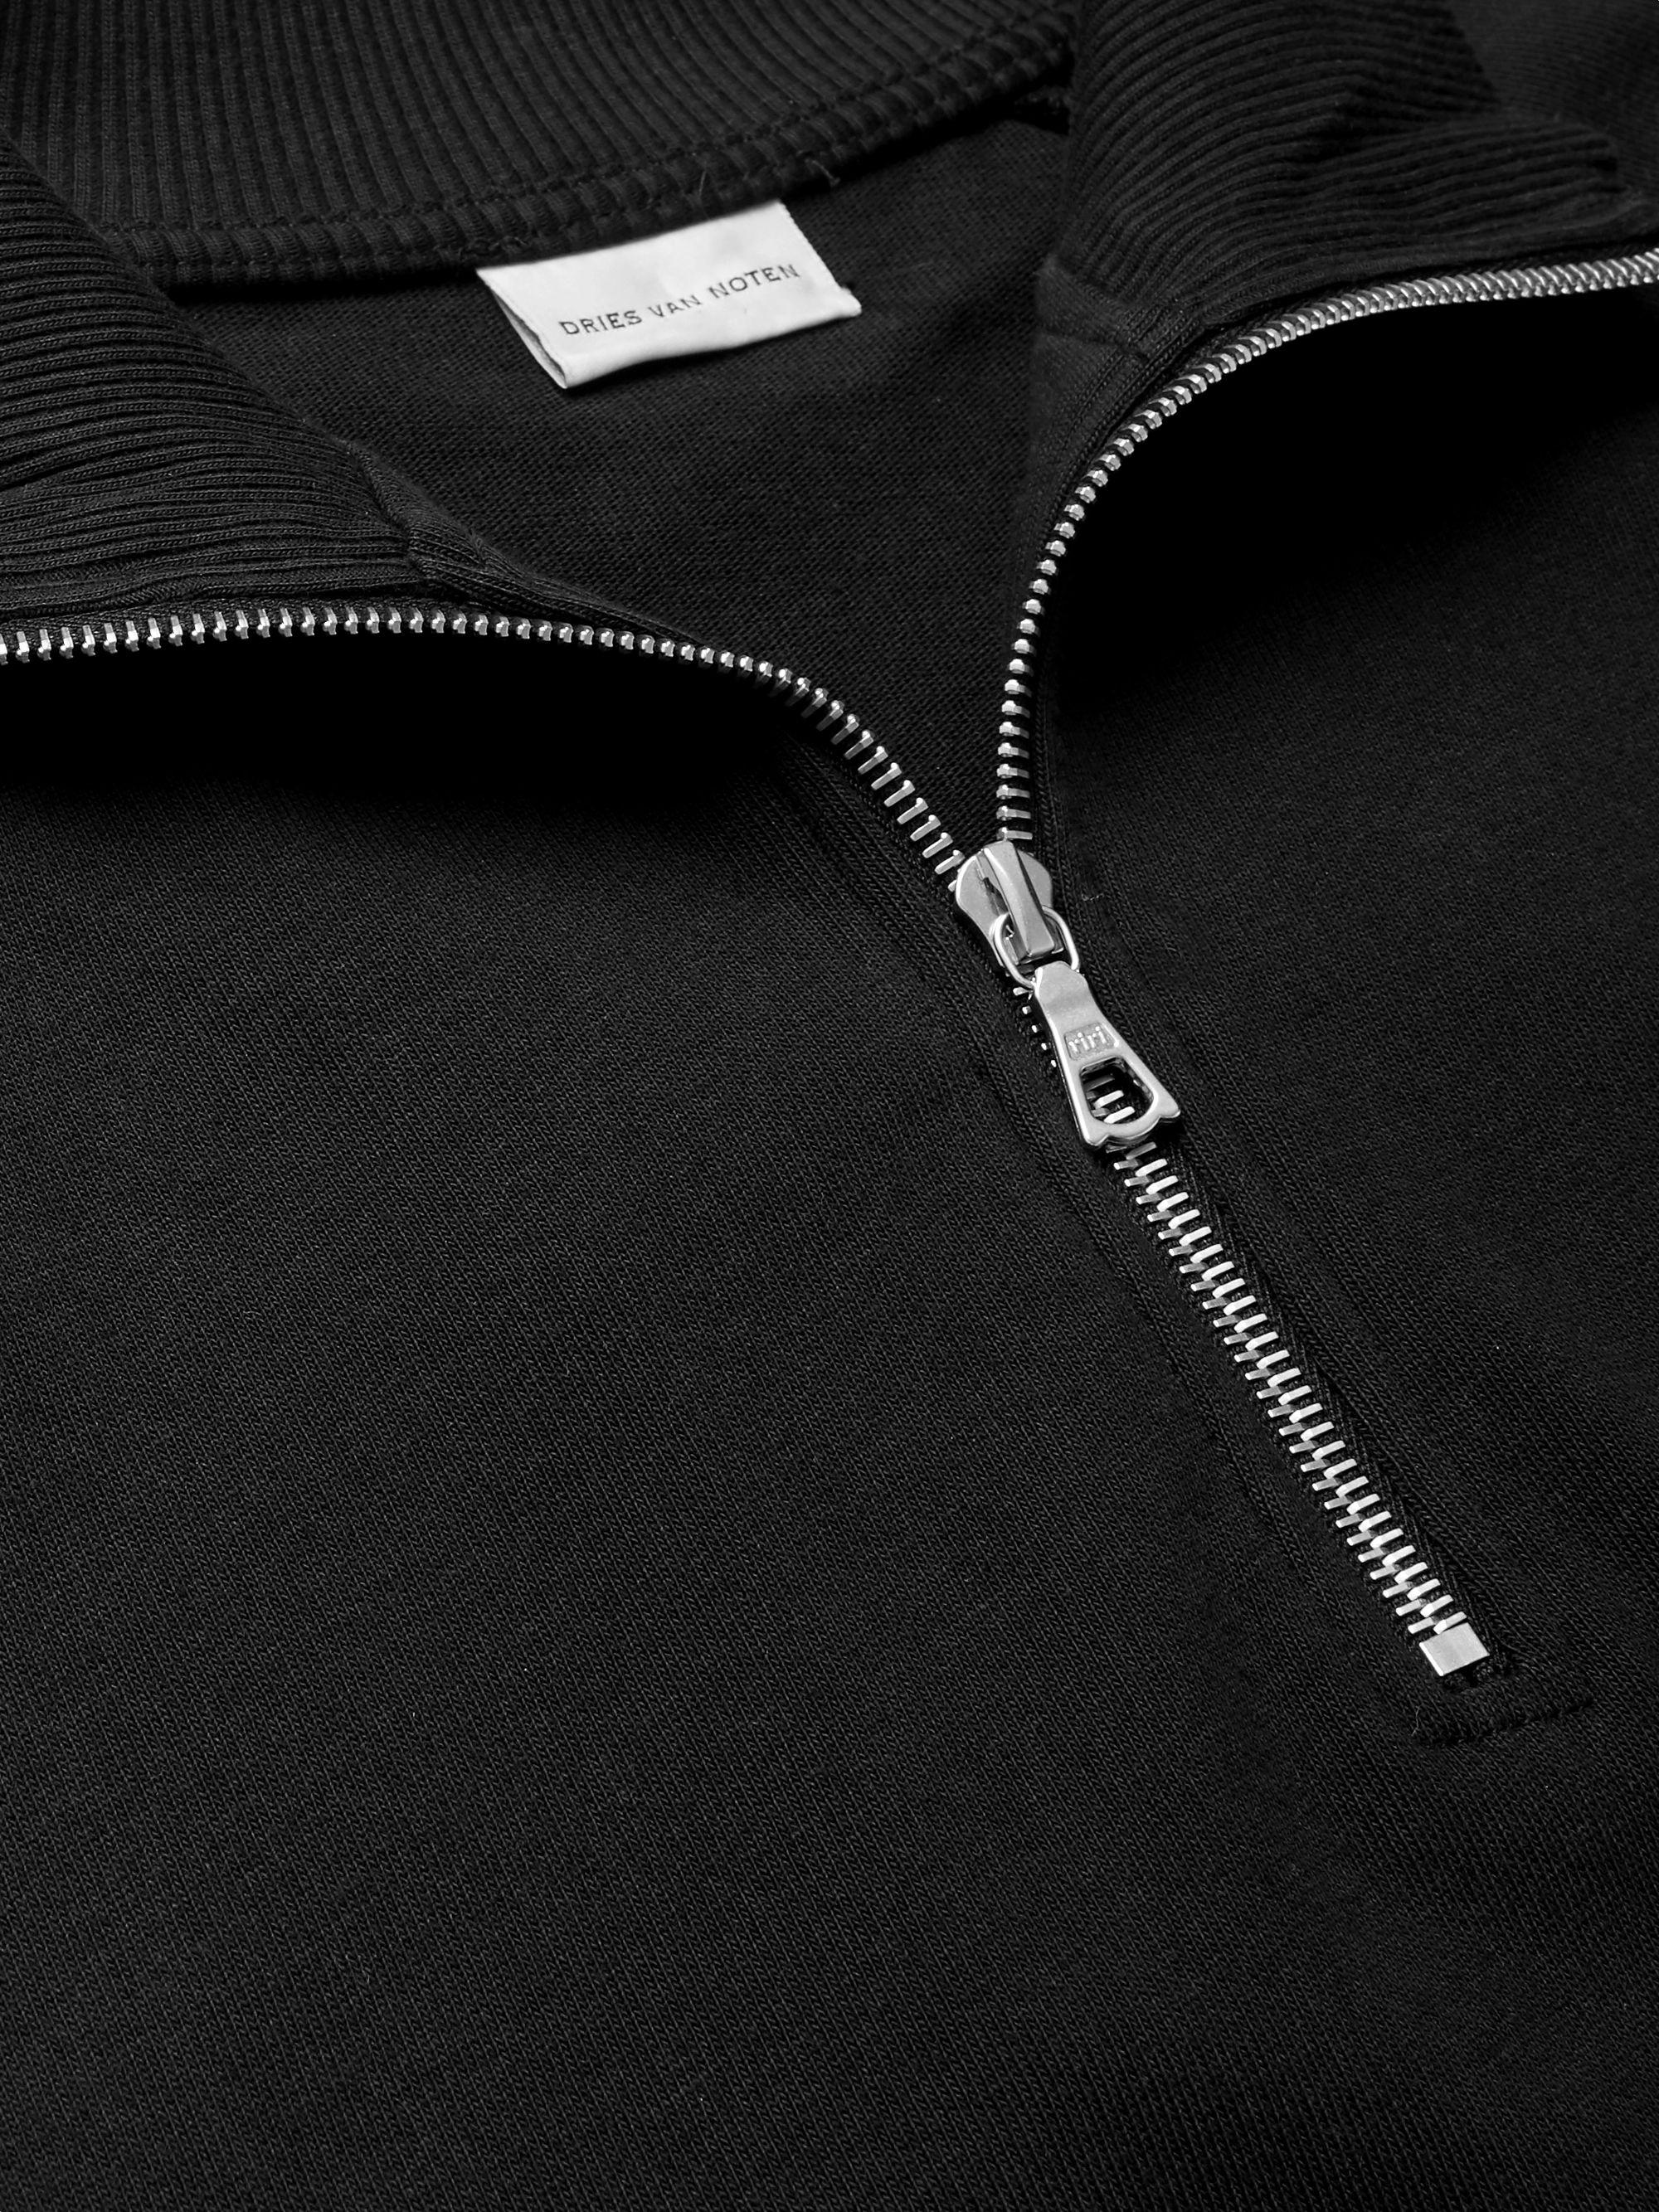 Black Cotton-jersey Half-zip Sweatshirt | Dries Van Noten